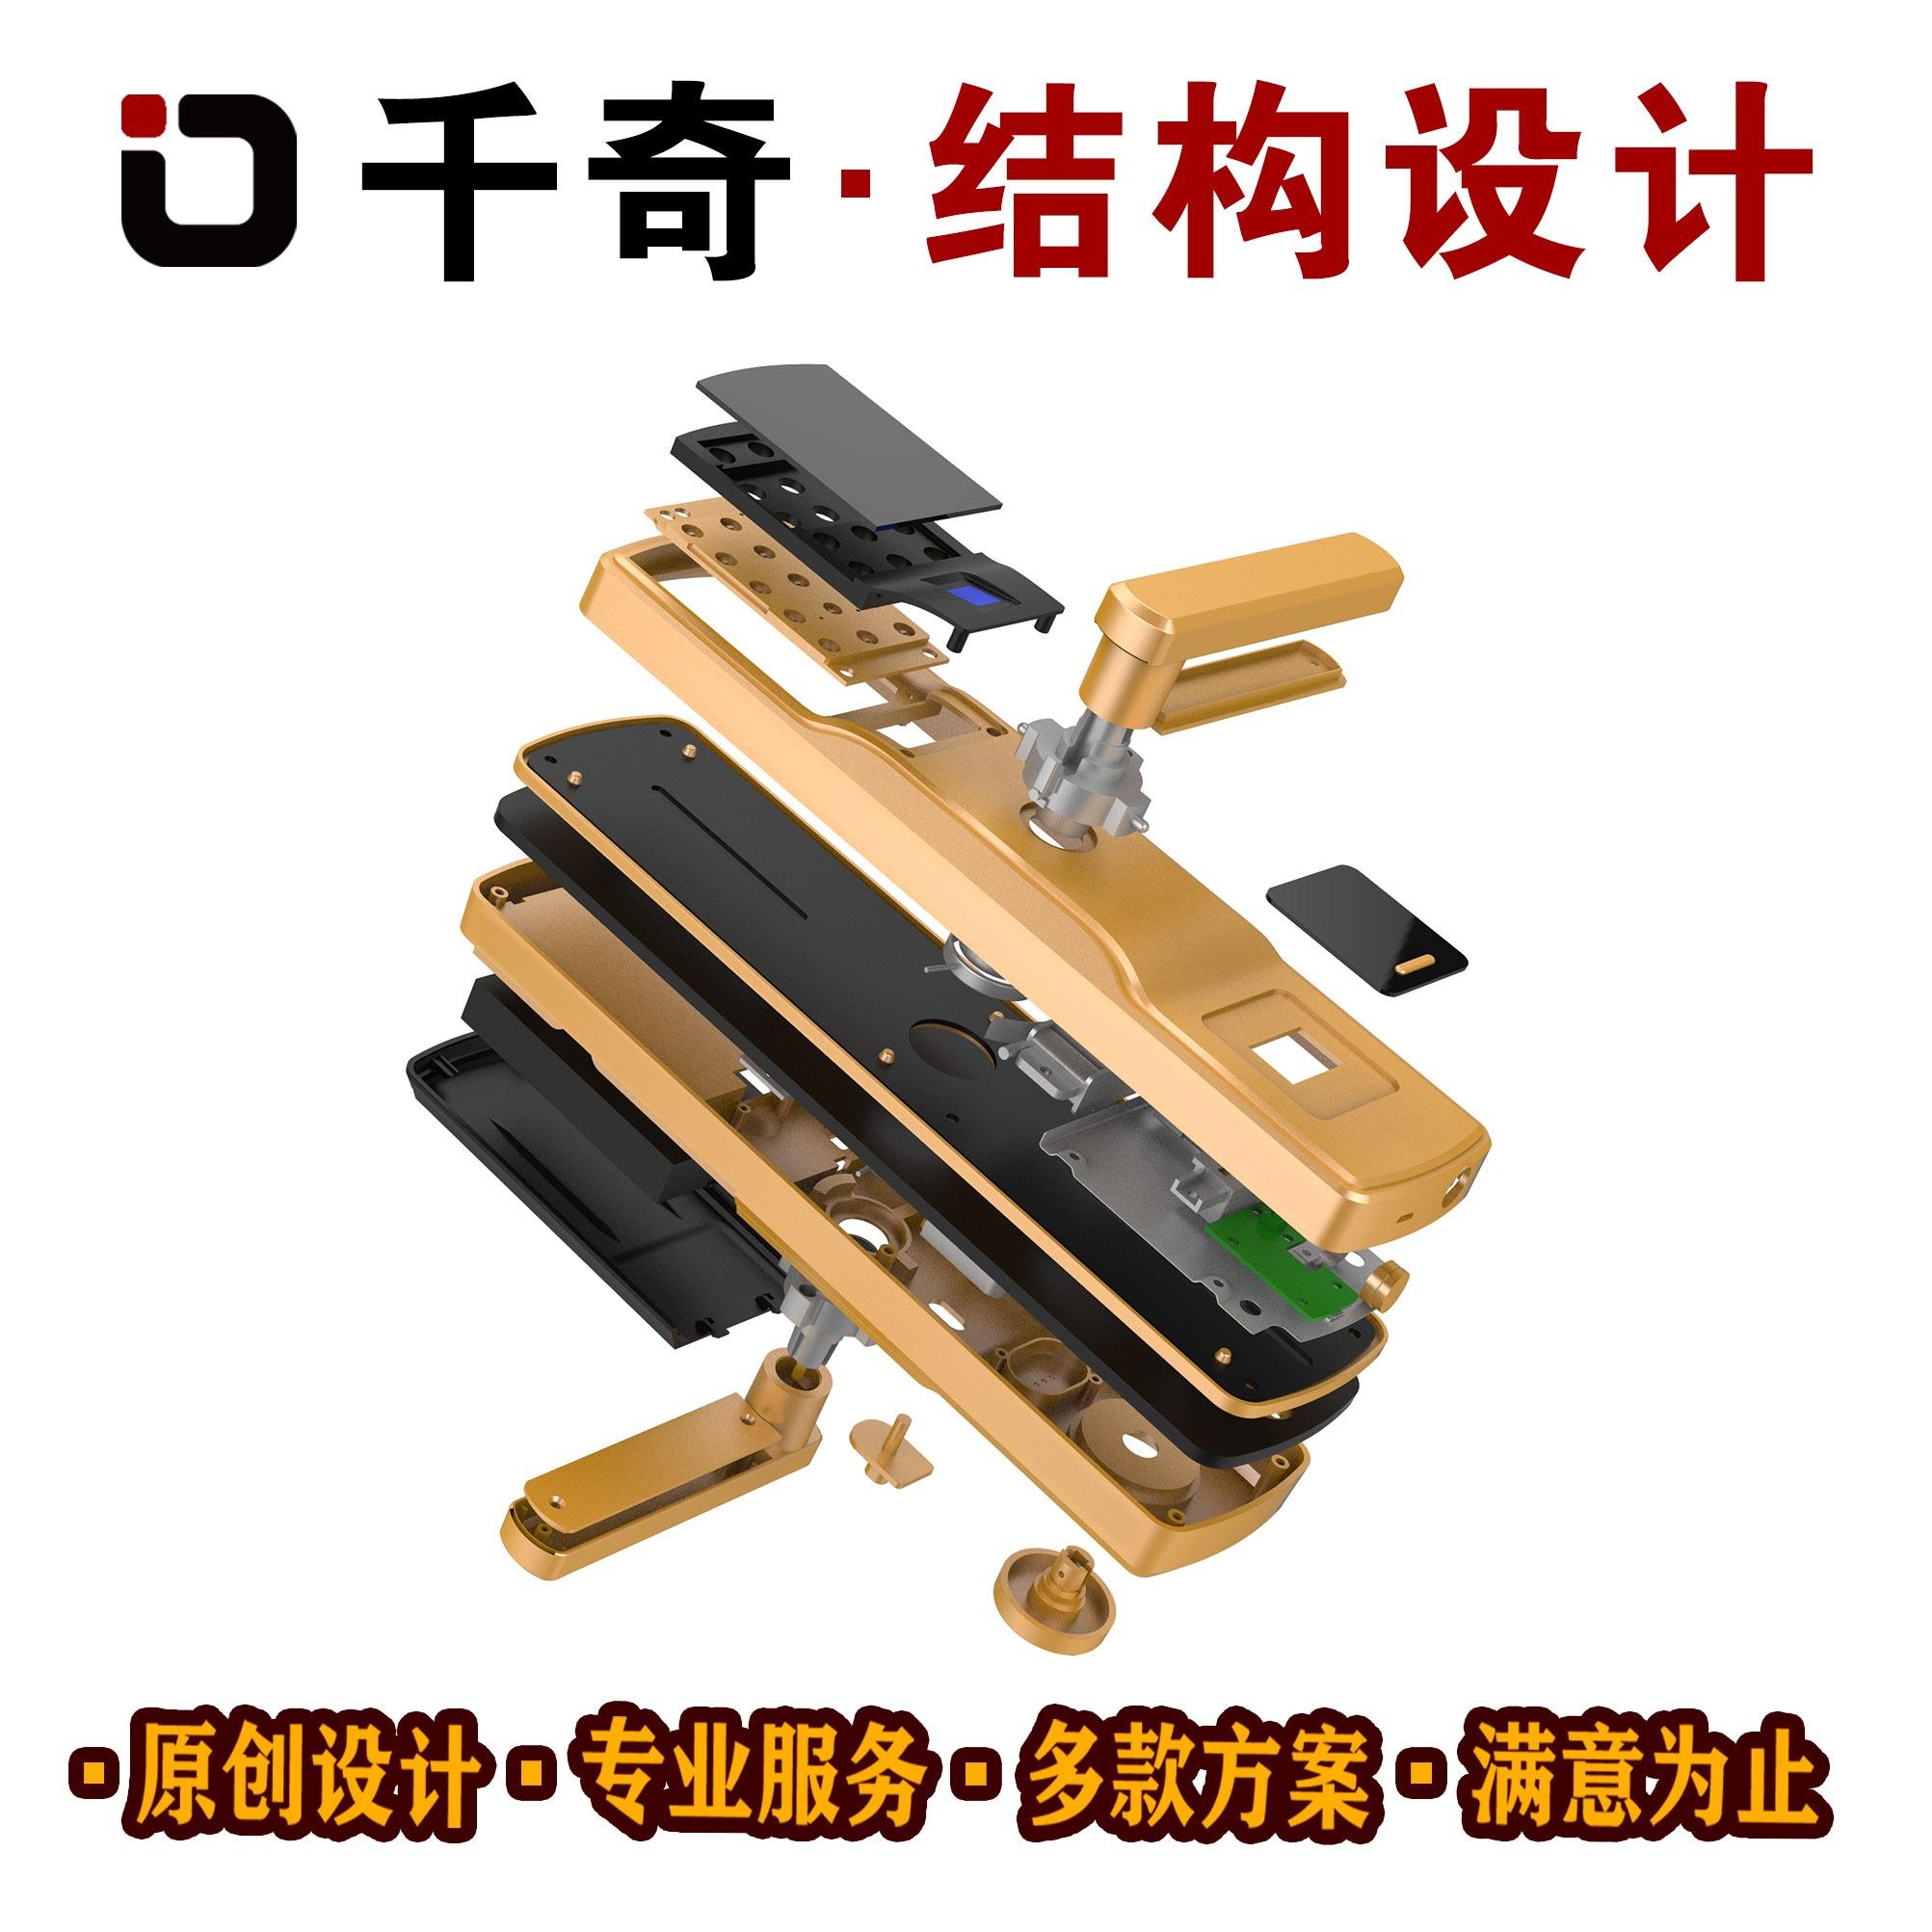 【结构设计】产品外观 外观设计 产品设计 智能产品 电子产品